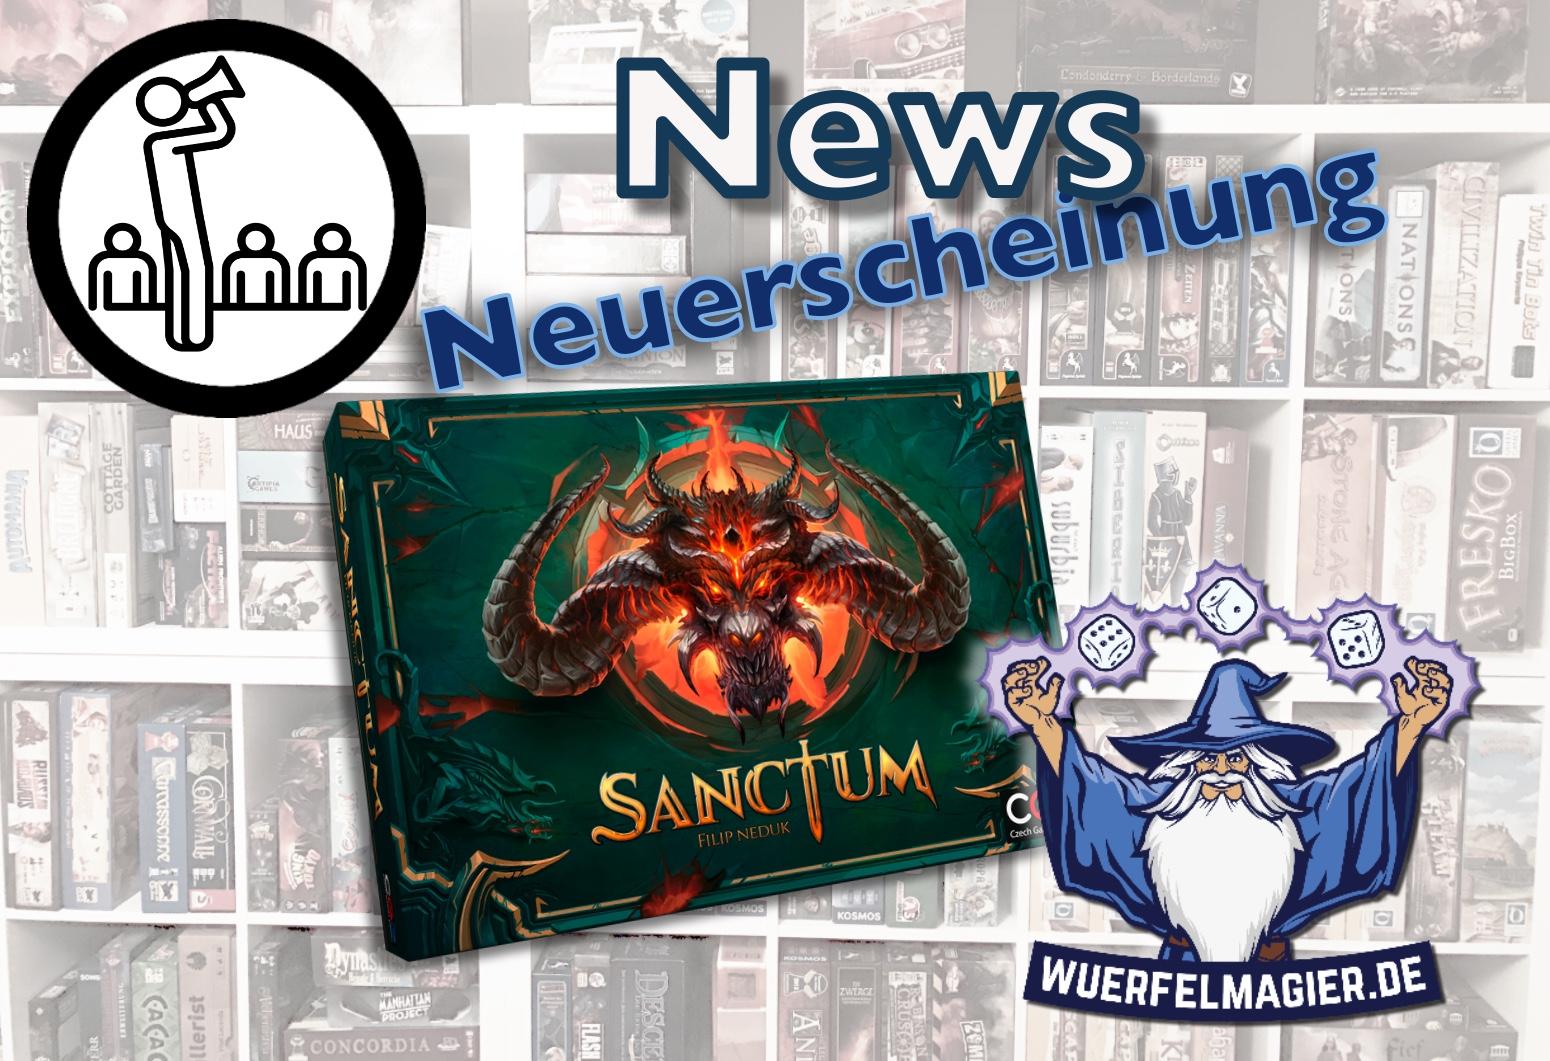 News Neuerscheinung Wuerfelmagier Würfelmagier Sanctum Czech Games Edition CGE